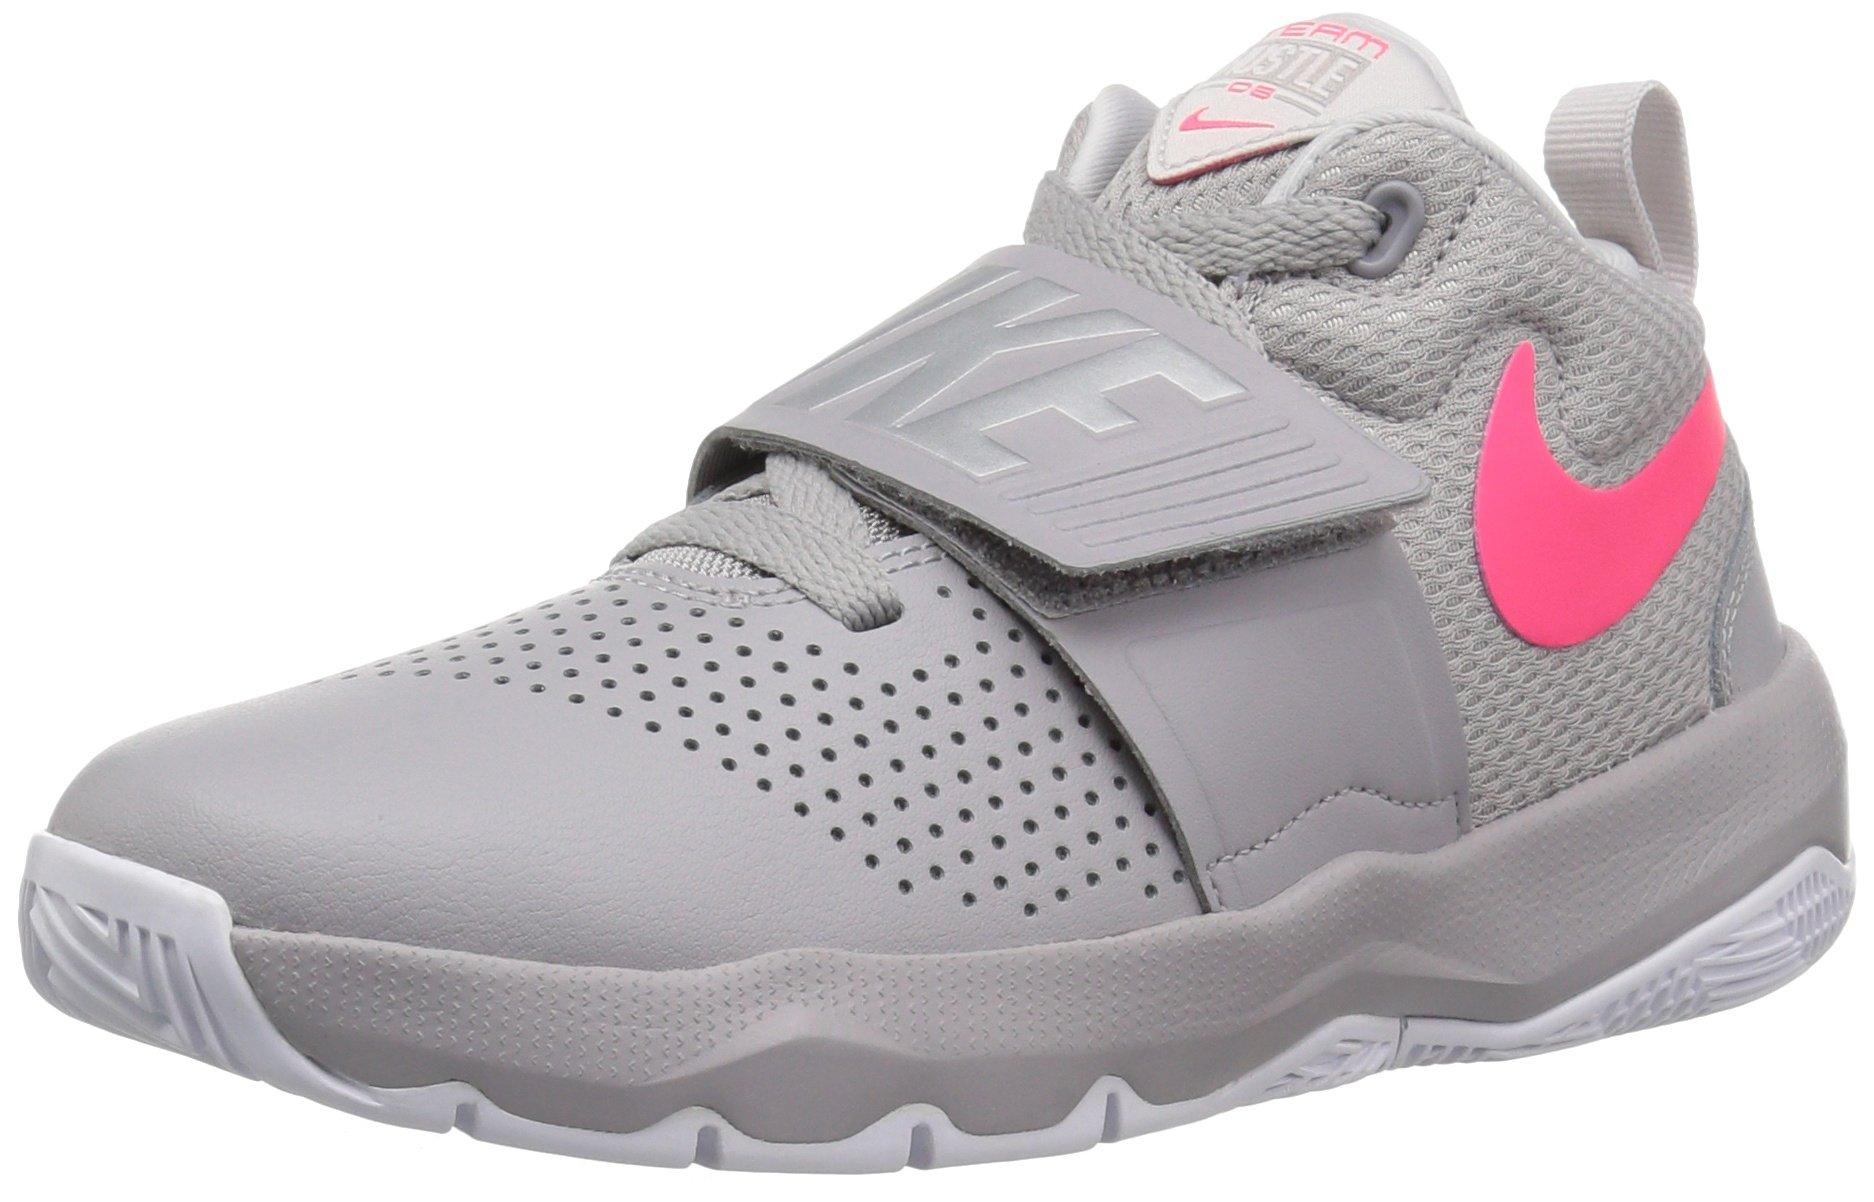 NIKE Boys' Team Hustle D 8 (GS) Basketball Shoe, Atmosphere Grey/Racer Pink-Vast Grey, 5Y Youth US Big Kid